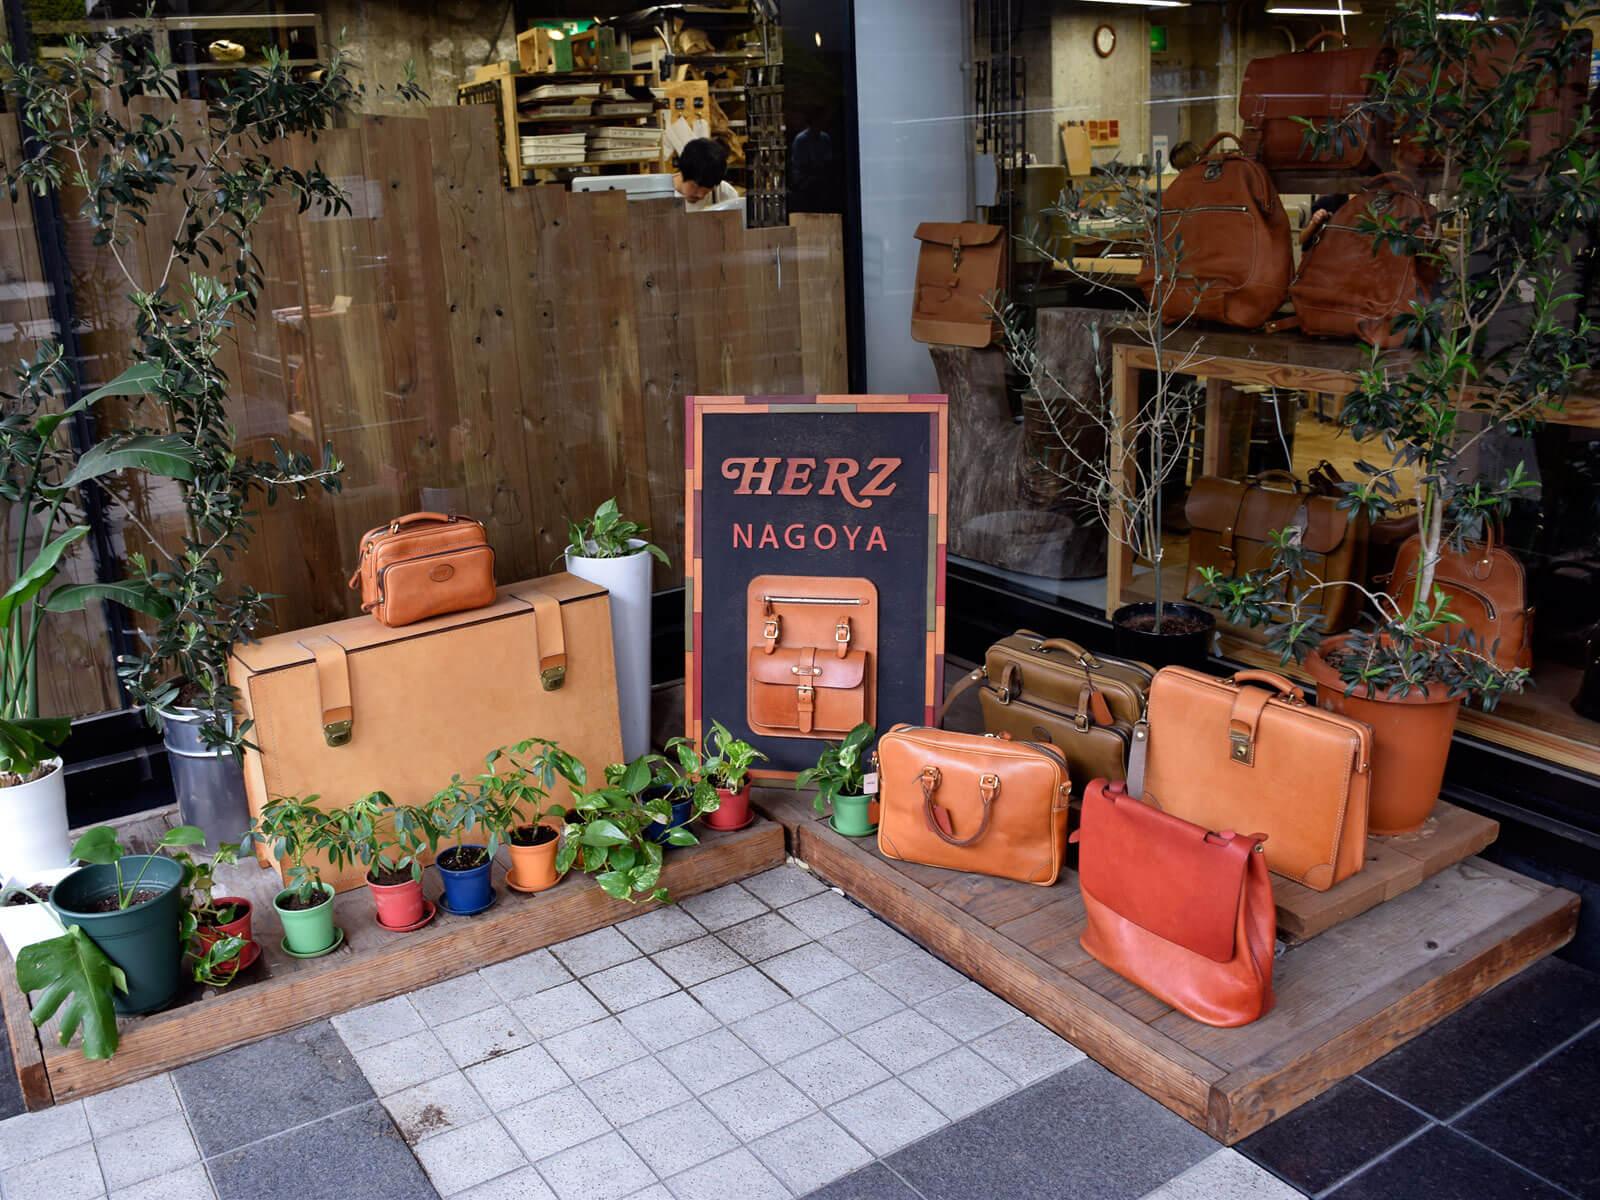 HERZ名古屋店、設備点検によるオープン時間変更のお知らせ(6/10のみ)